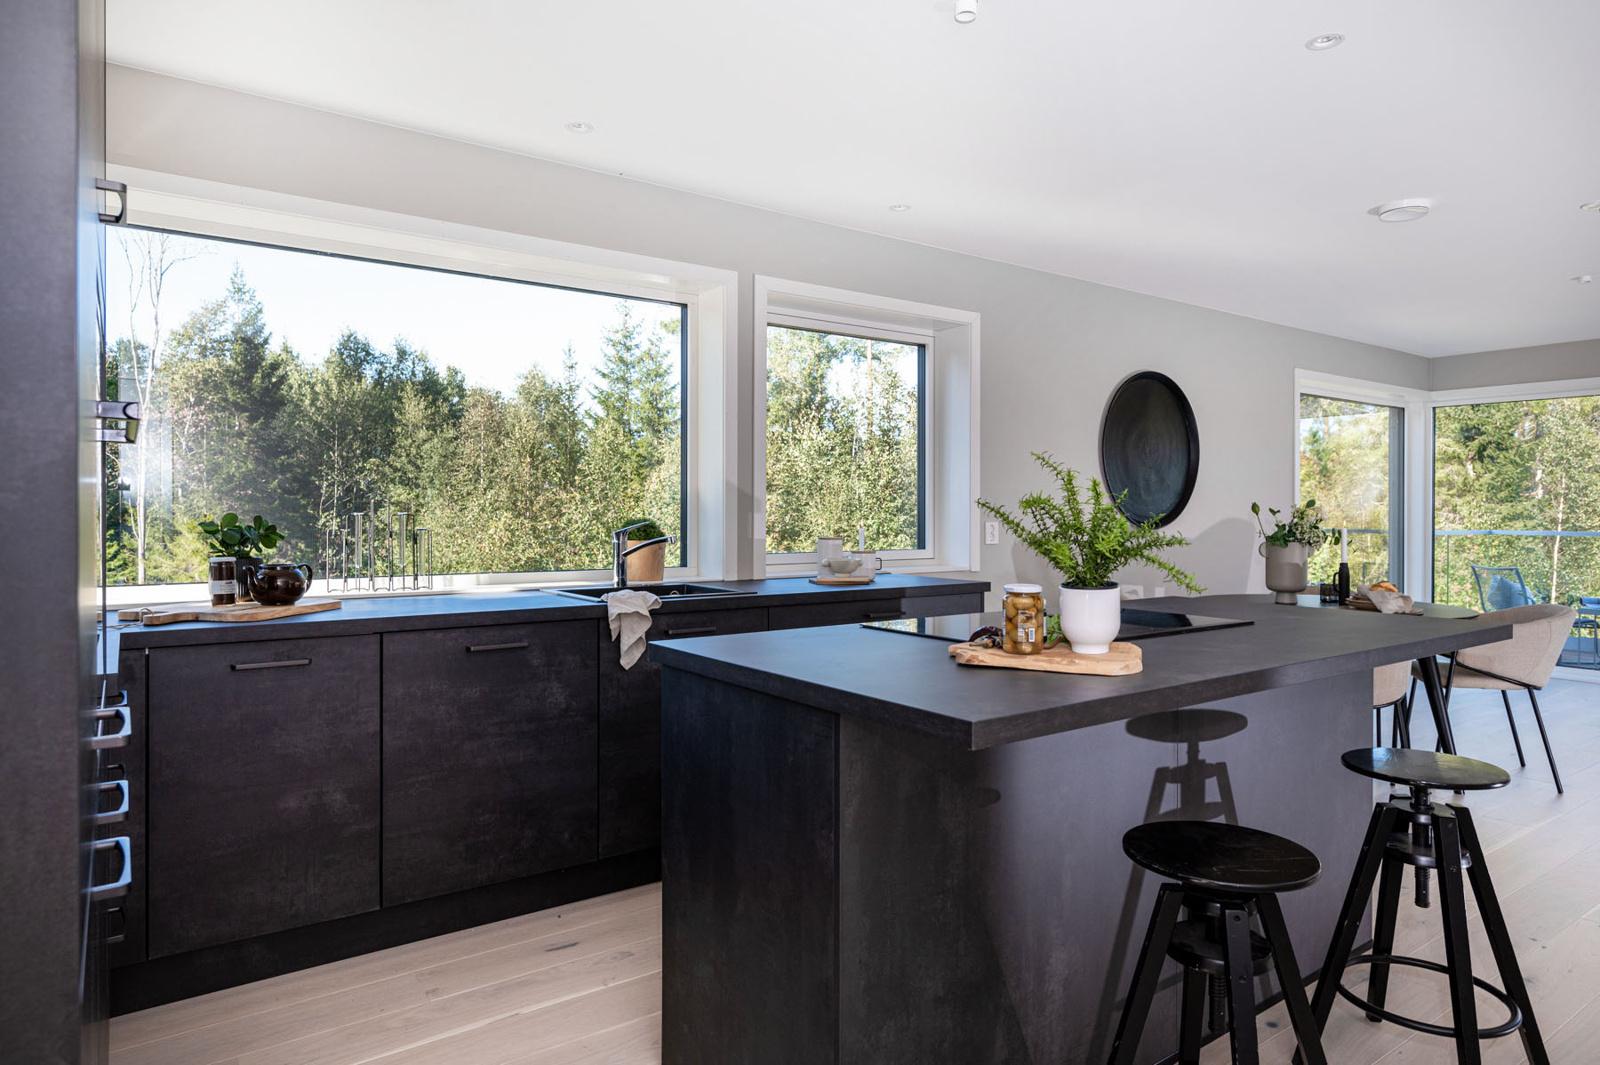 Kjøkkenøy med koketopp og Downdraft ventilator